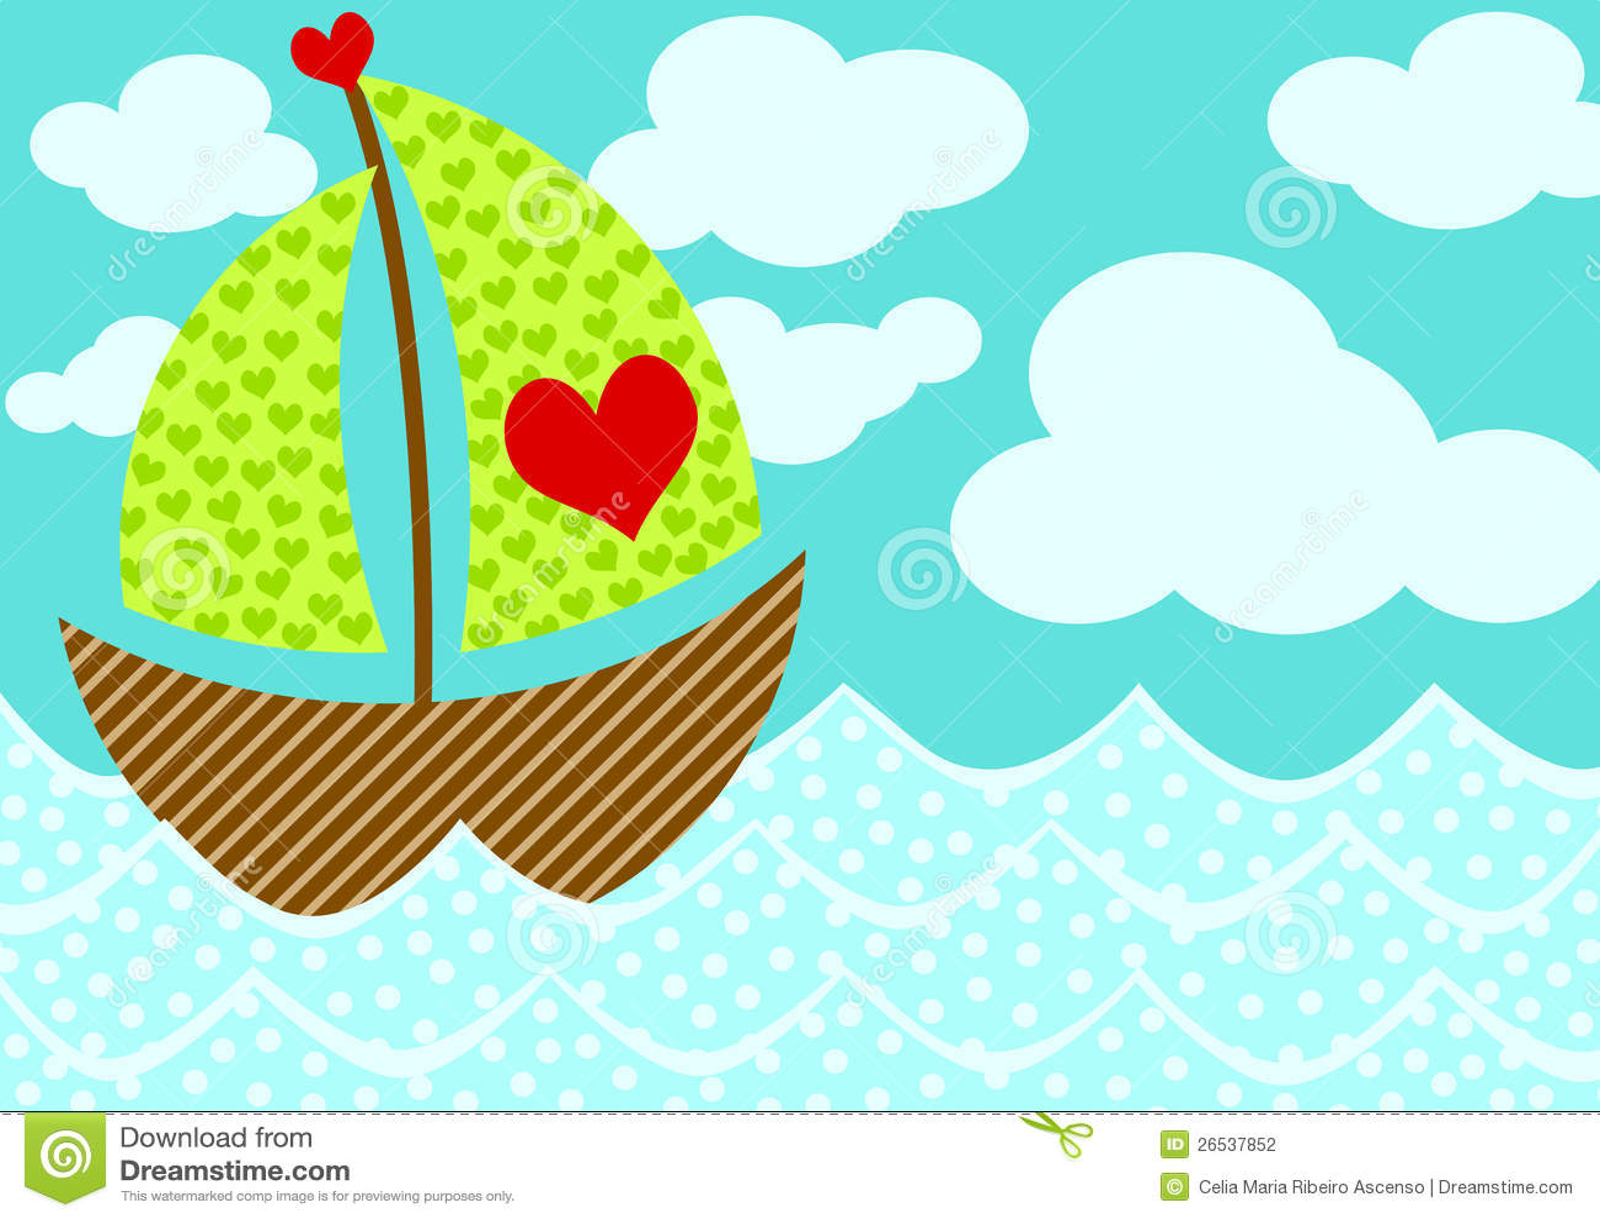 爱情小船小游戏_爱情船情人节看板卡